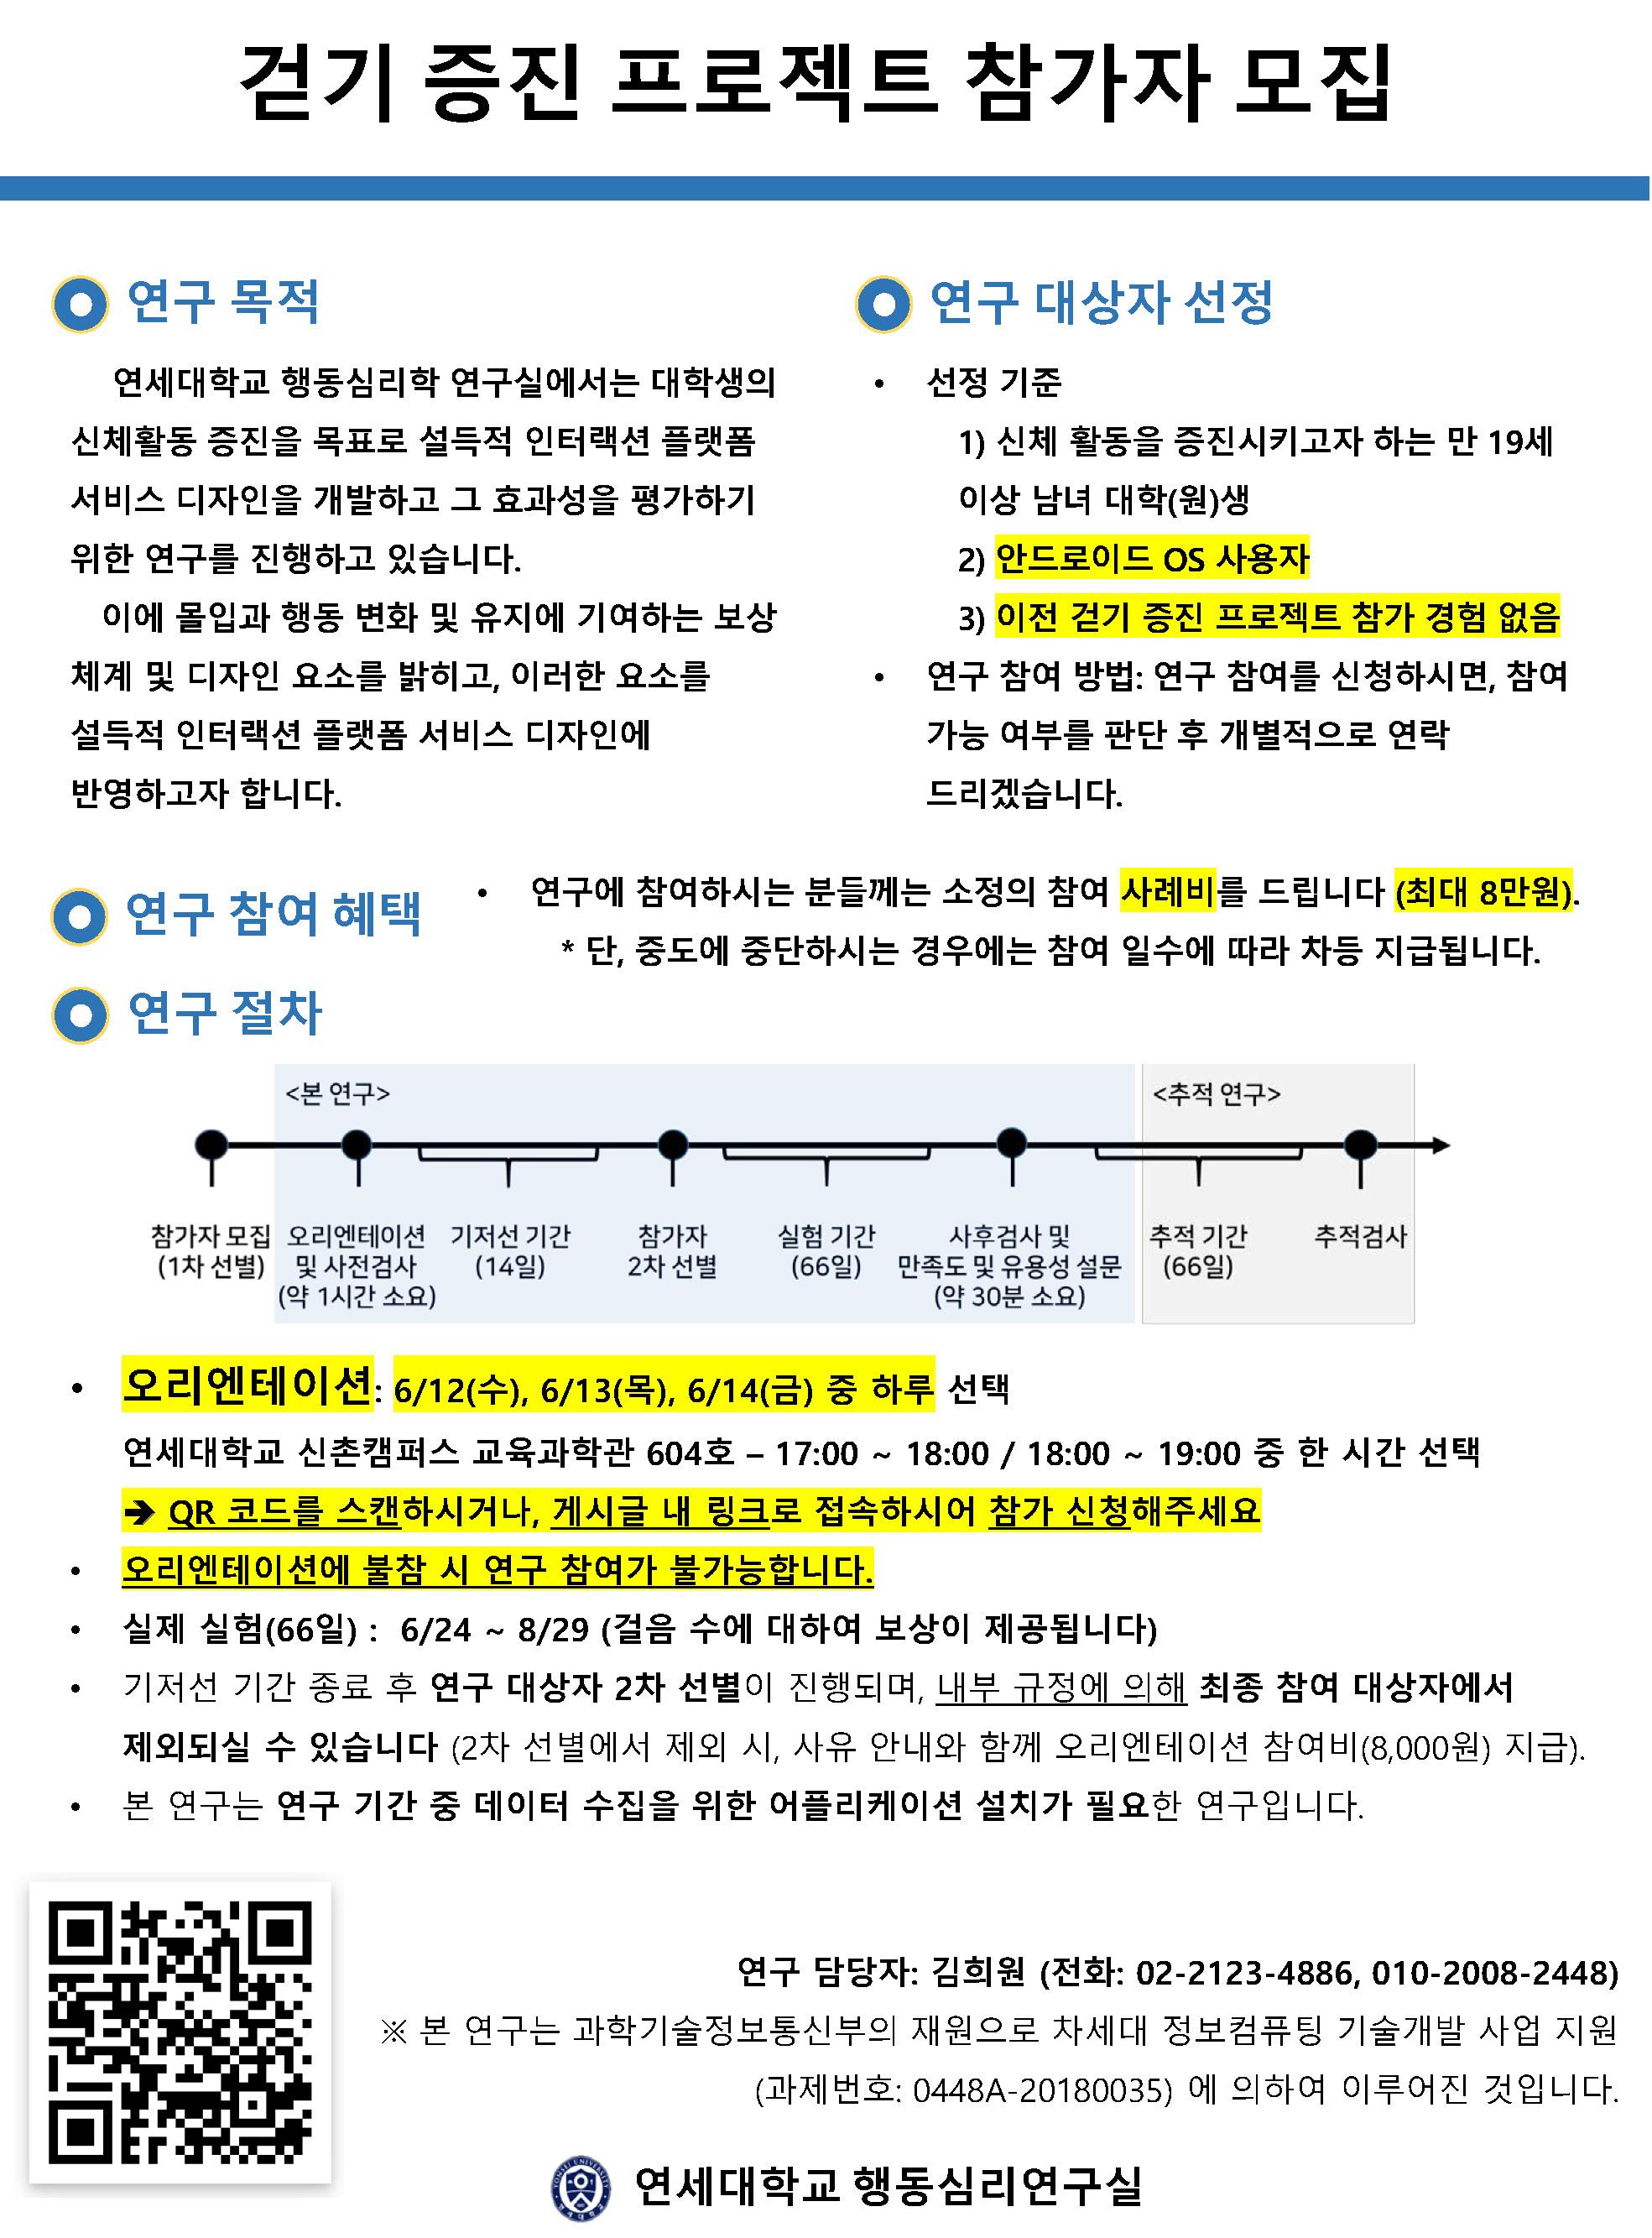 걷기 증진 프로젝트 마지막 모집문.jpg